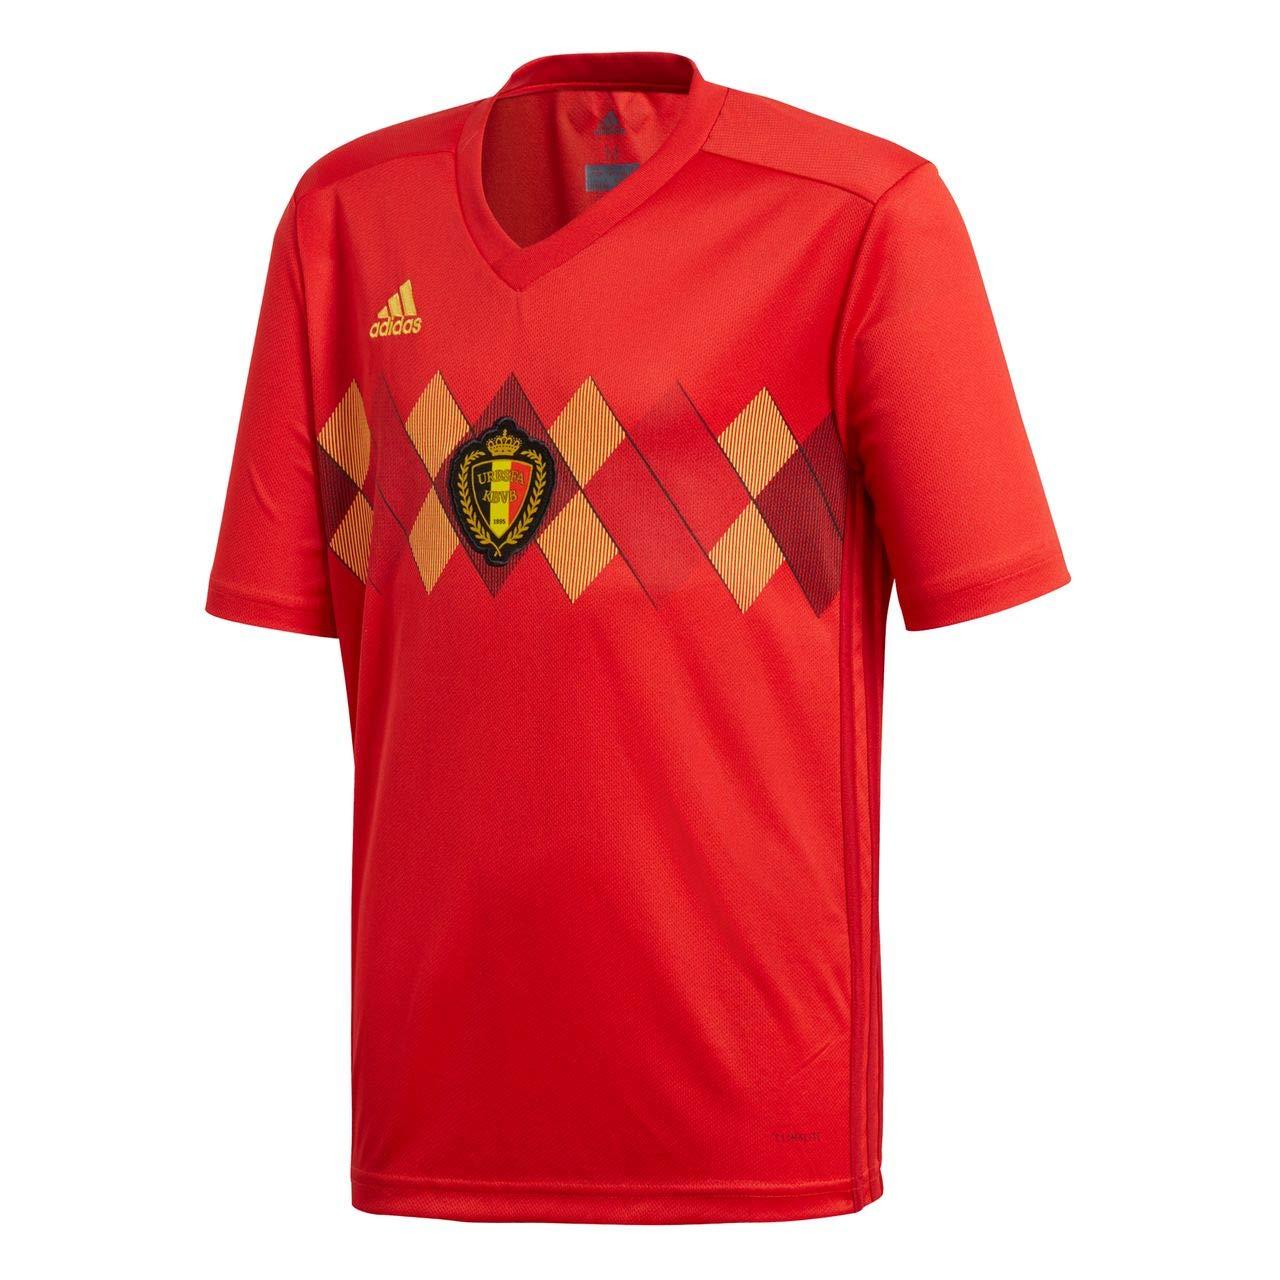 Adidas Bambini Belgio Maglia, Bambini, BQ4528, Vivrosso Power rosso rosso rosso Bold oro, 80.0 | scarseggia  | Non così costoso  | Elegante e divertente  | Trendy  | Vendite Online  960be8